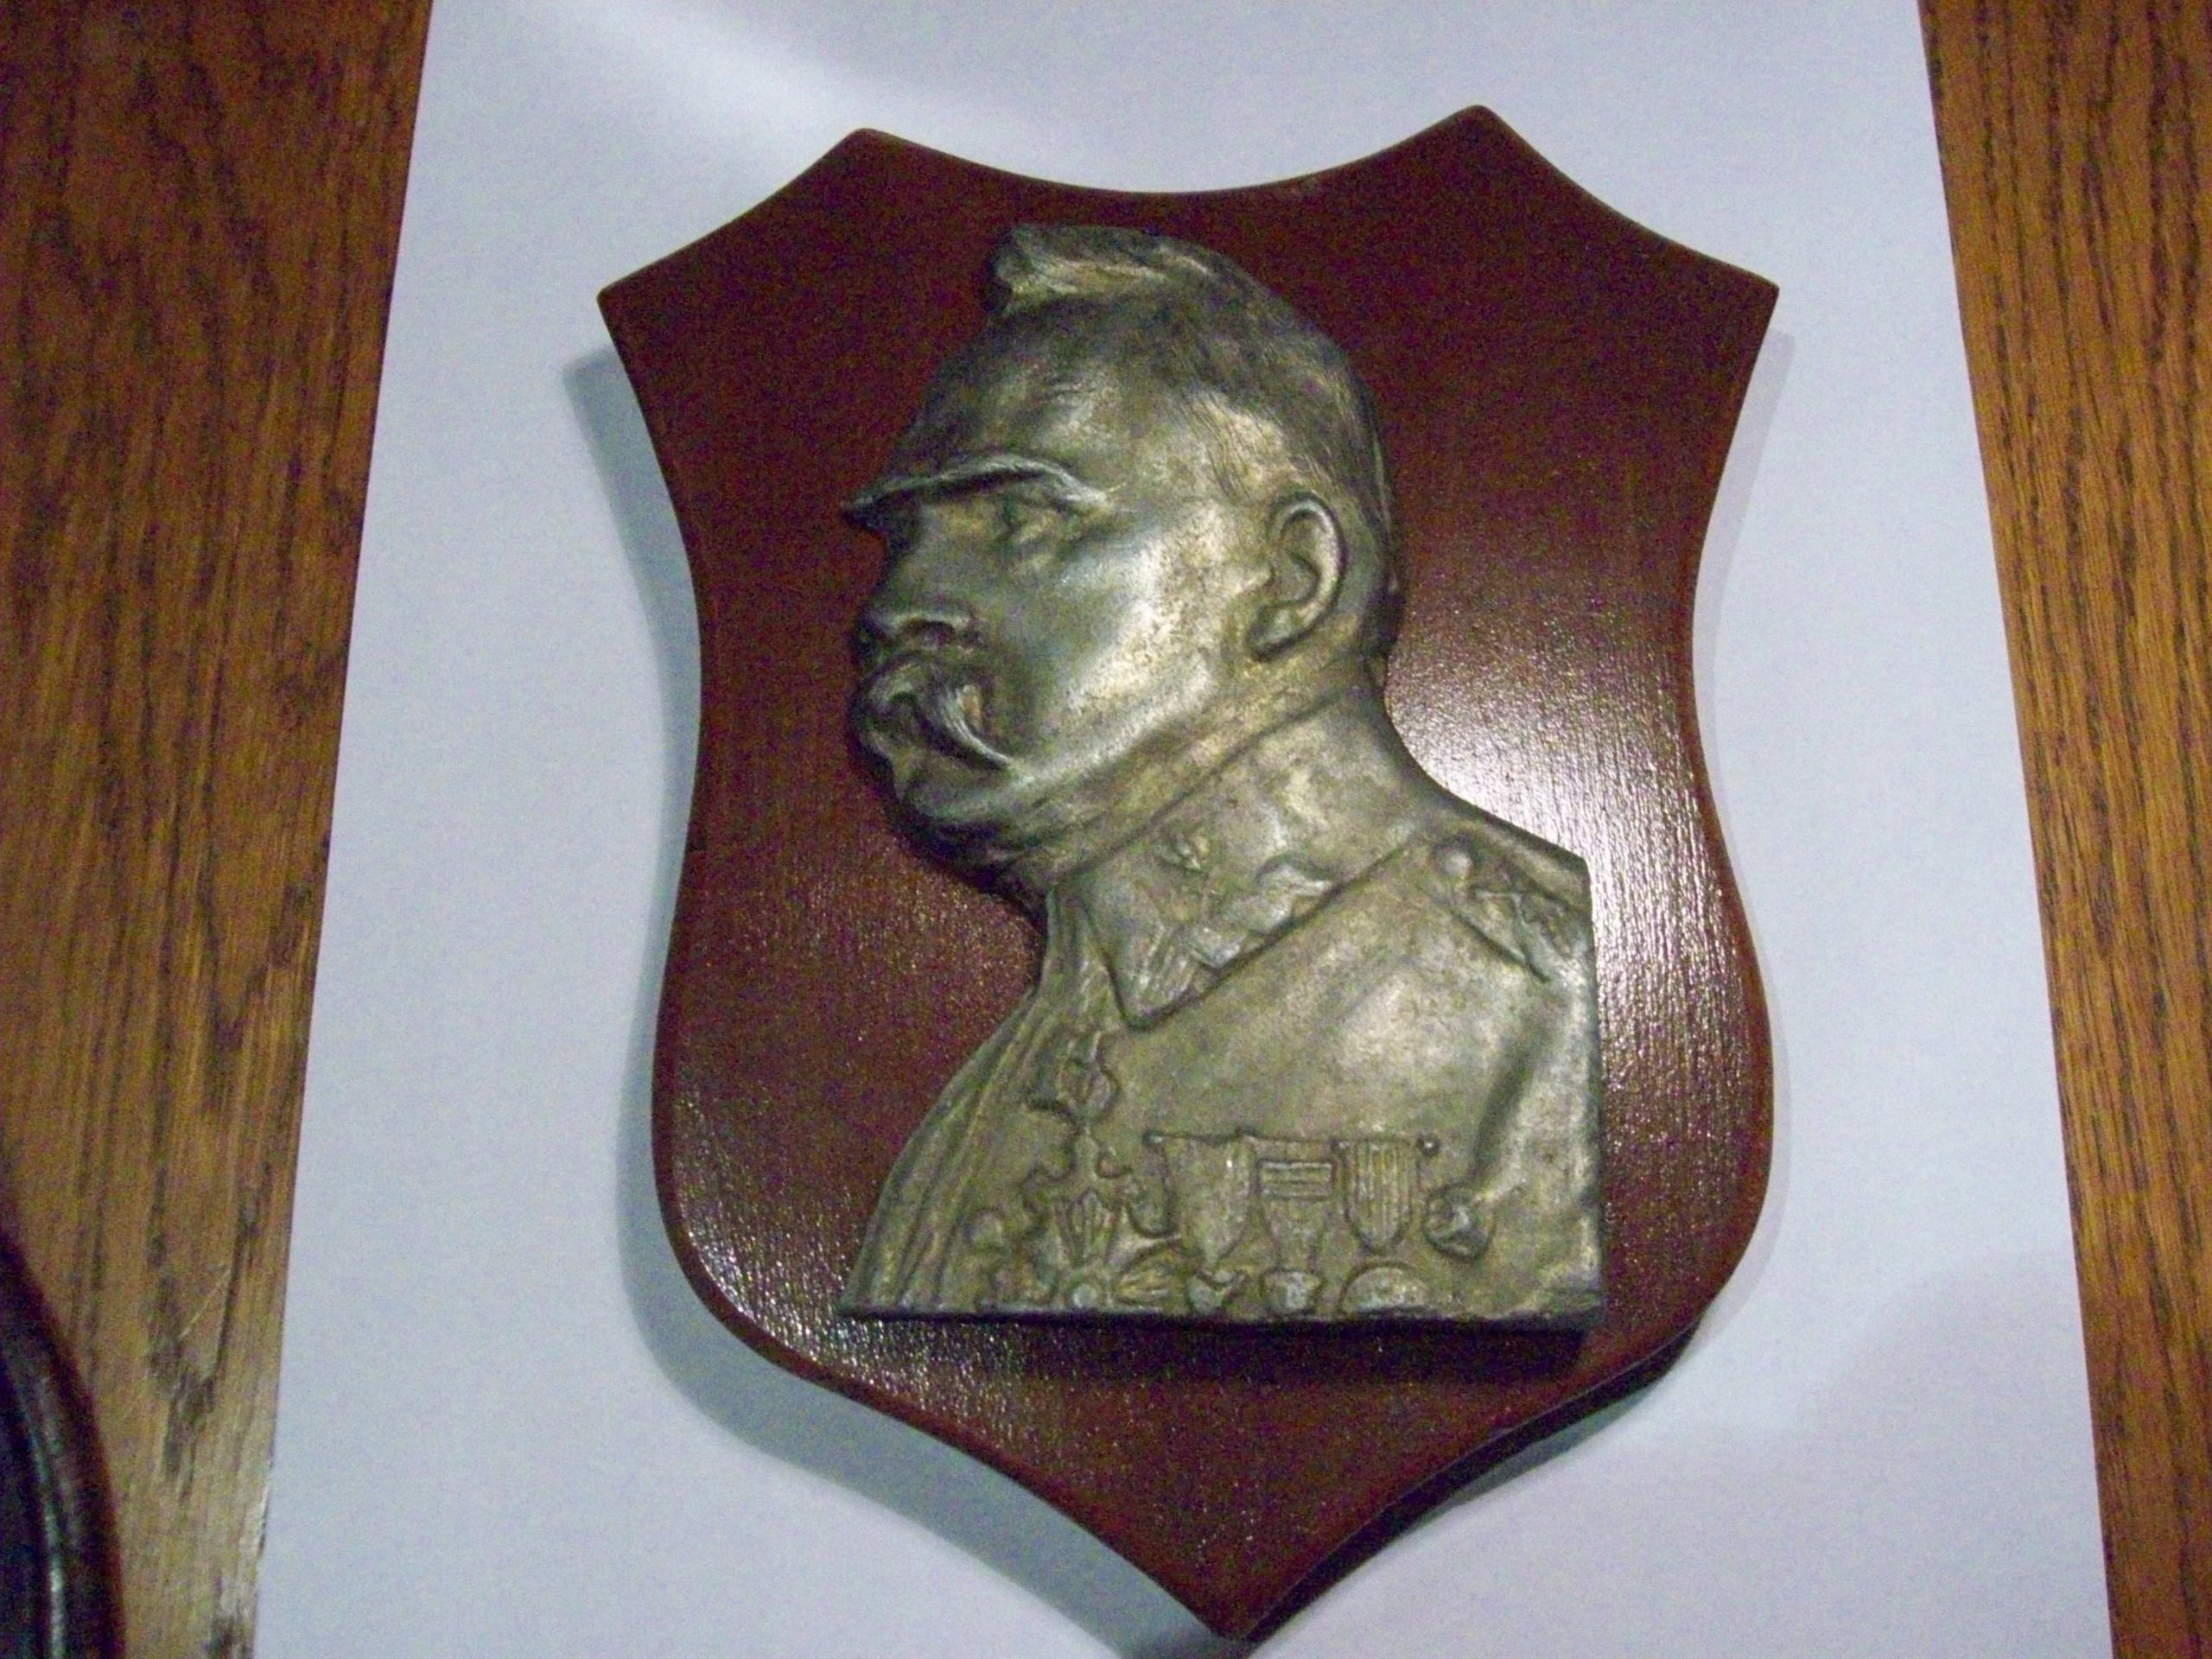 Plakieta z Marszałkiem Józefem Piłsudskim